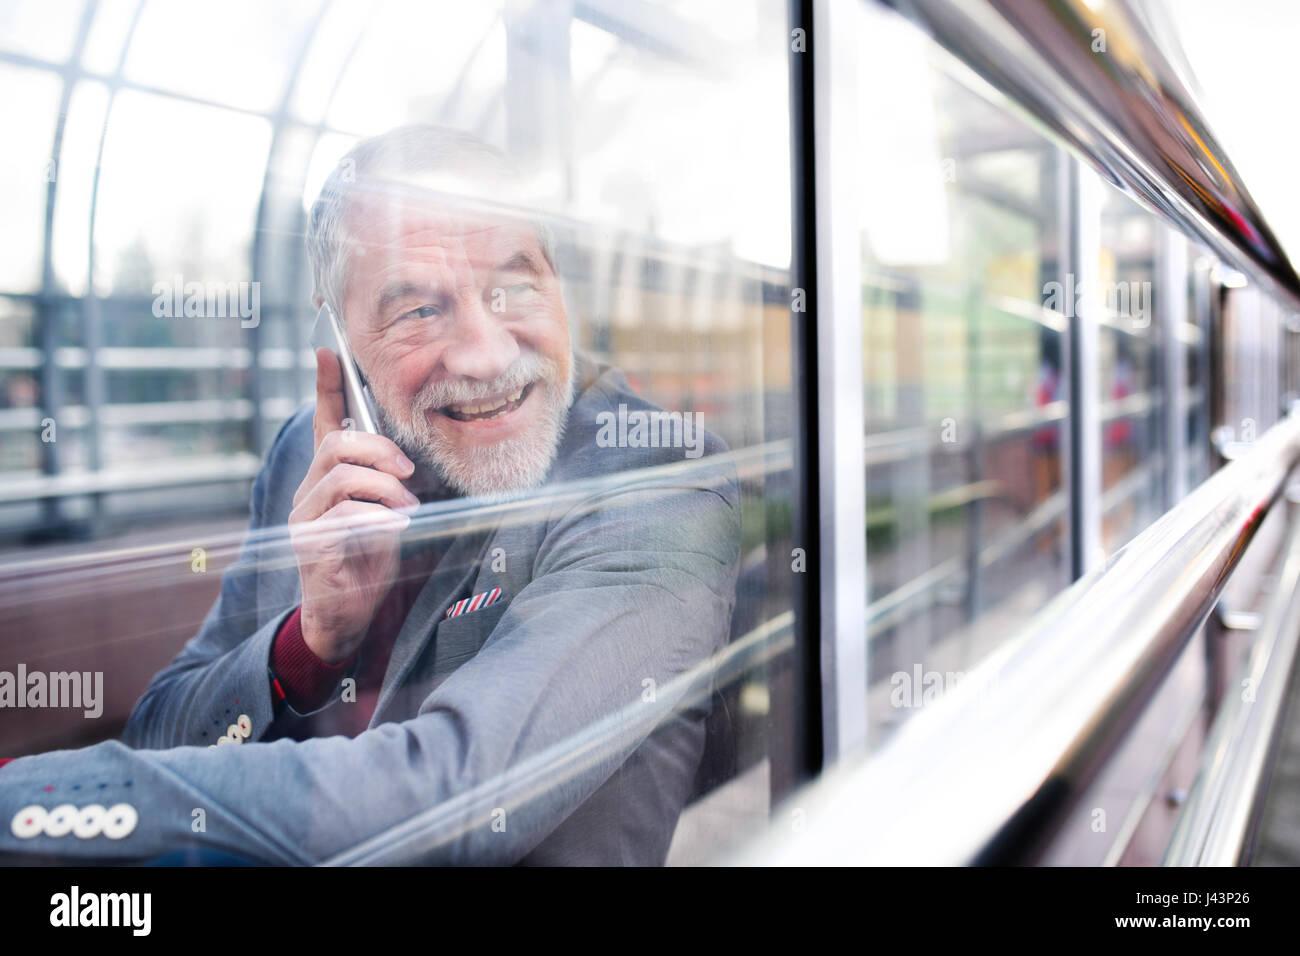 Ältere Mann mit Smartphone in Glas Durchgang Anruf tätigen. Stockbild